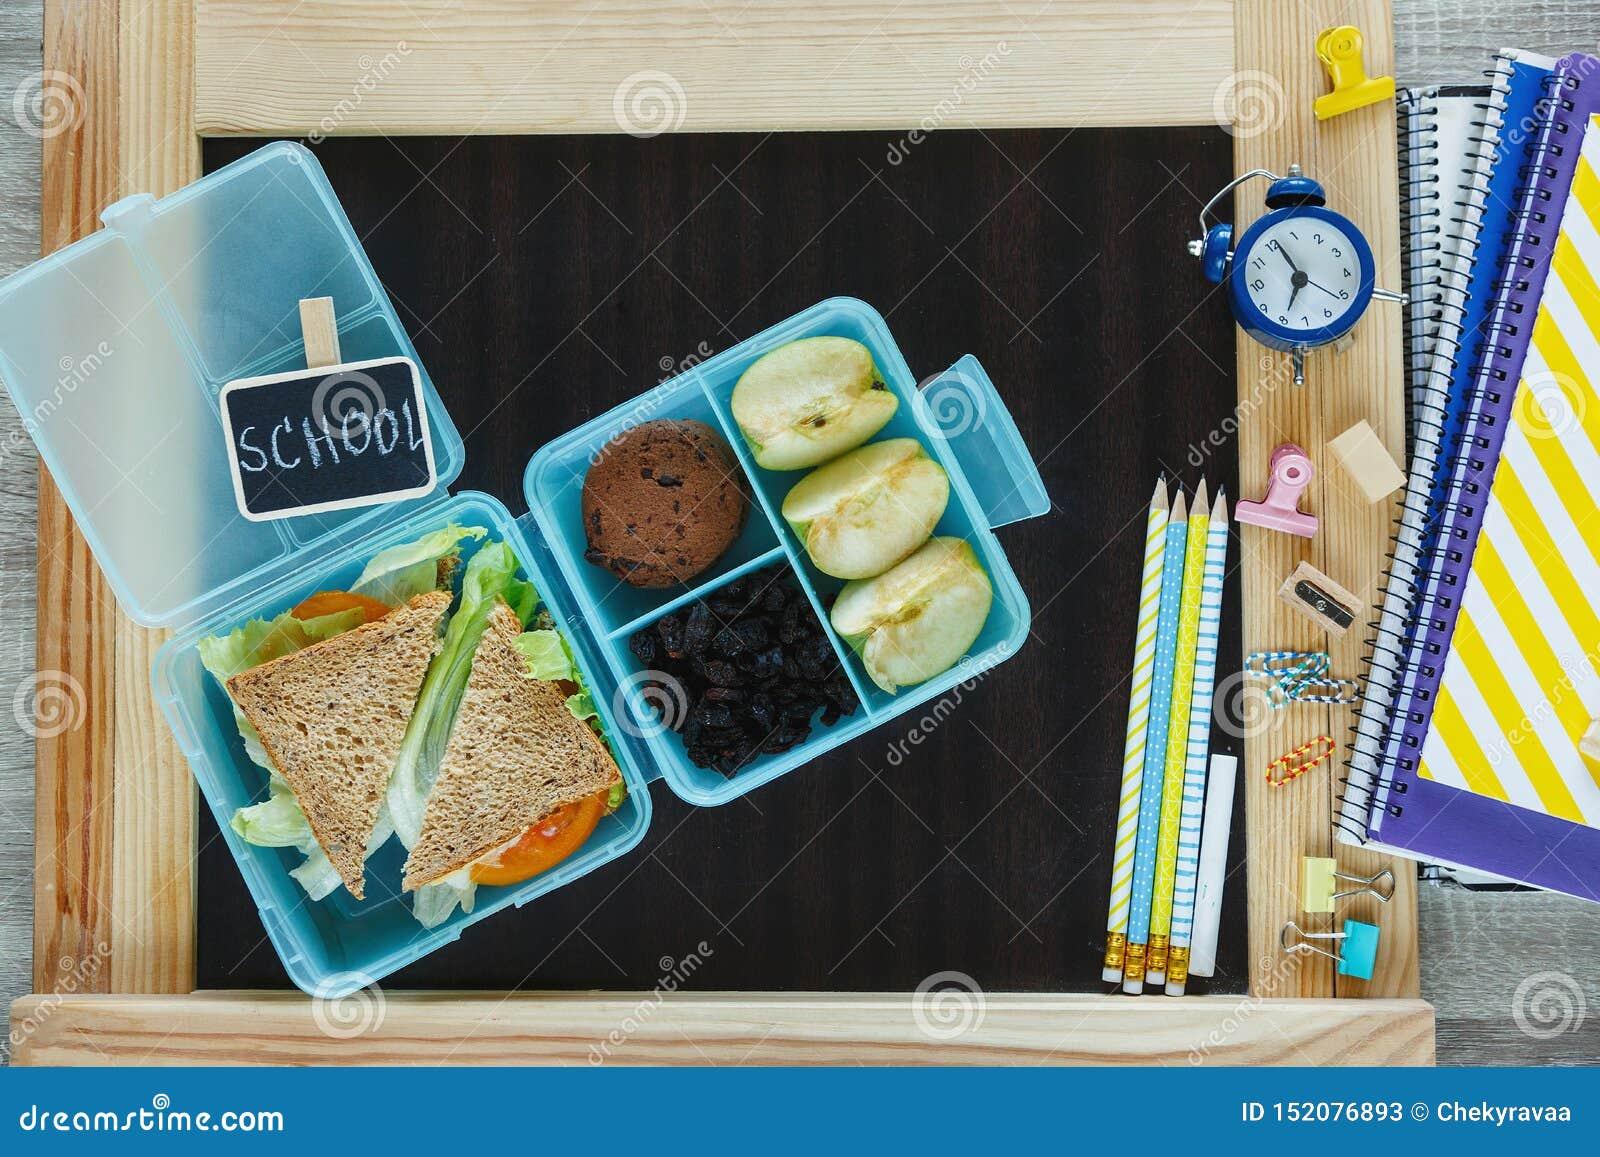 学校蓝色饭盒用自创三明治,绿色苹果,曲奇饼,铅笔,时钟,在桌上的笔记本 E